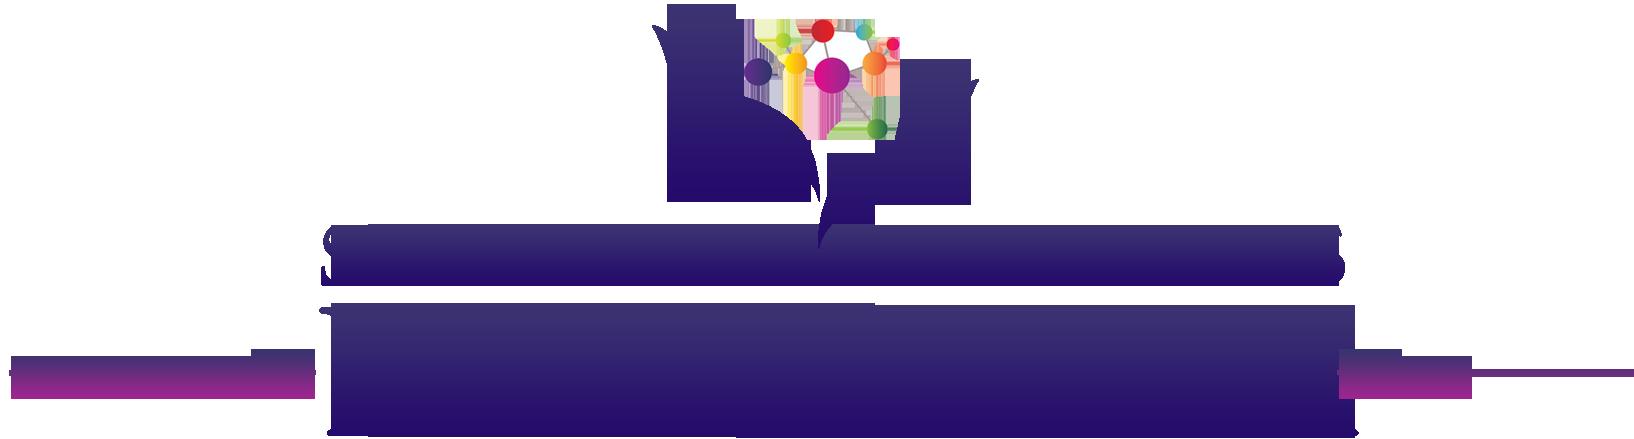 scintfic-logo copy